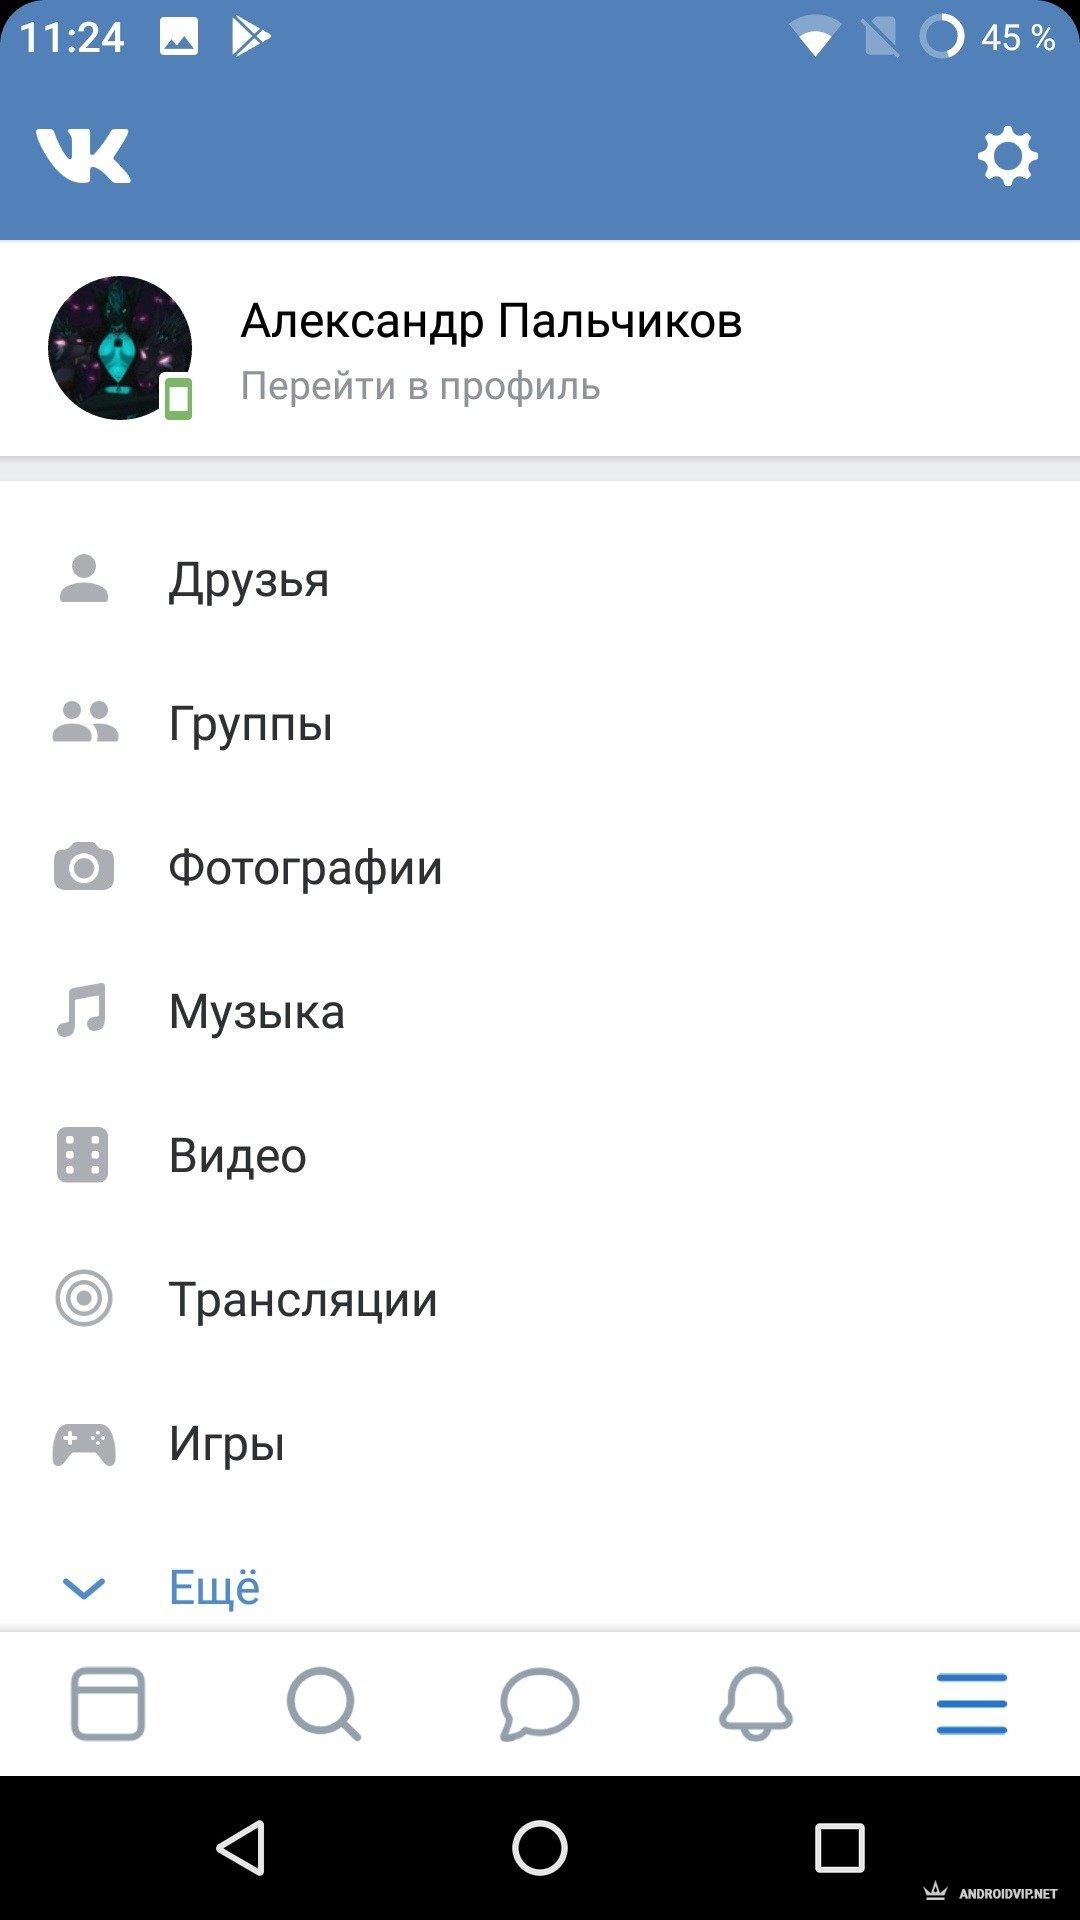 Сравнение сетей вконтакте, facebook, одноклассники